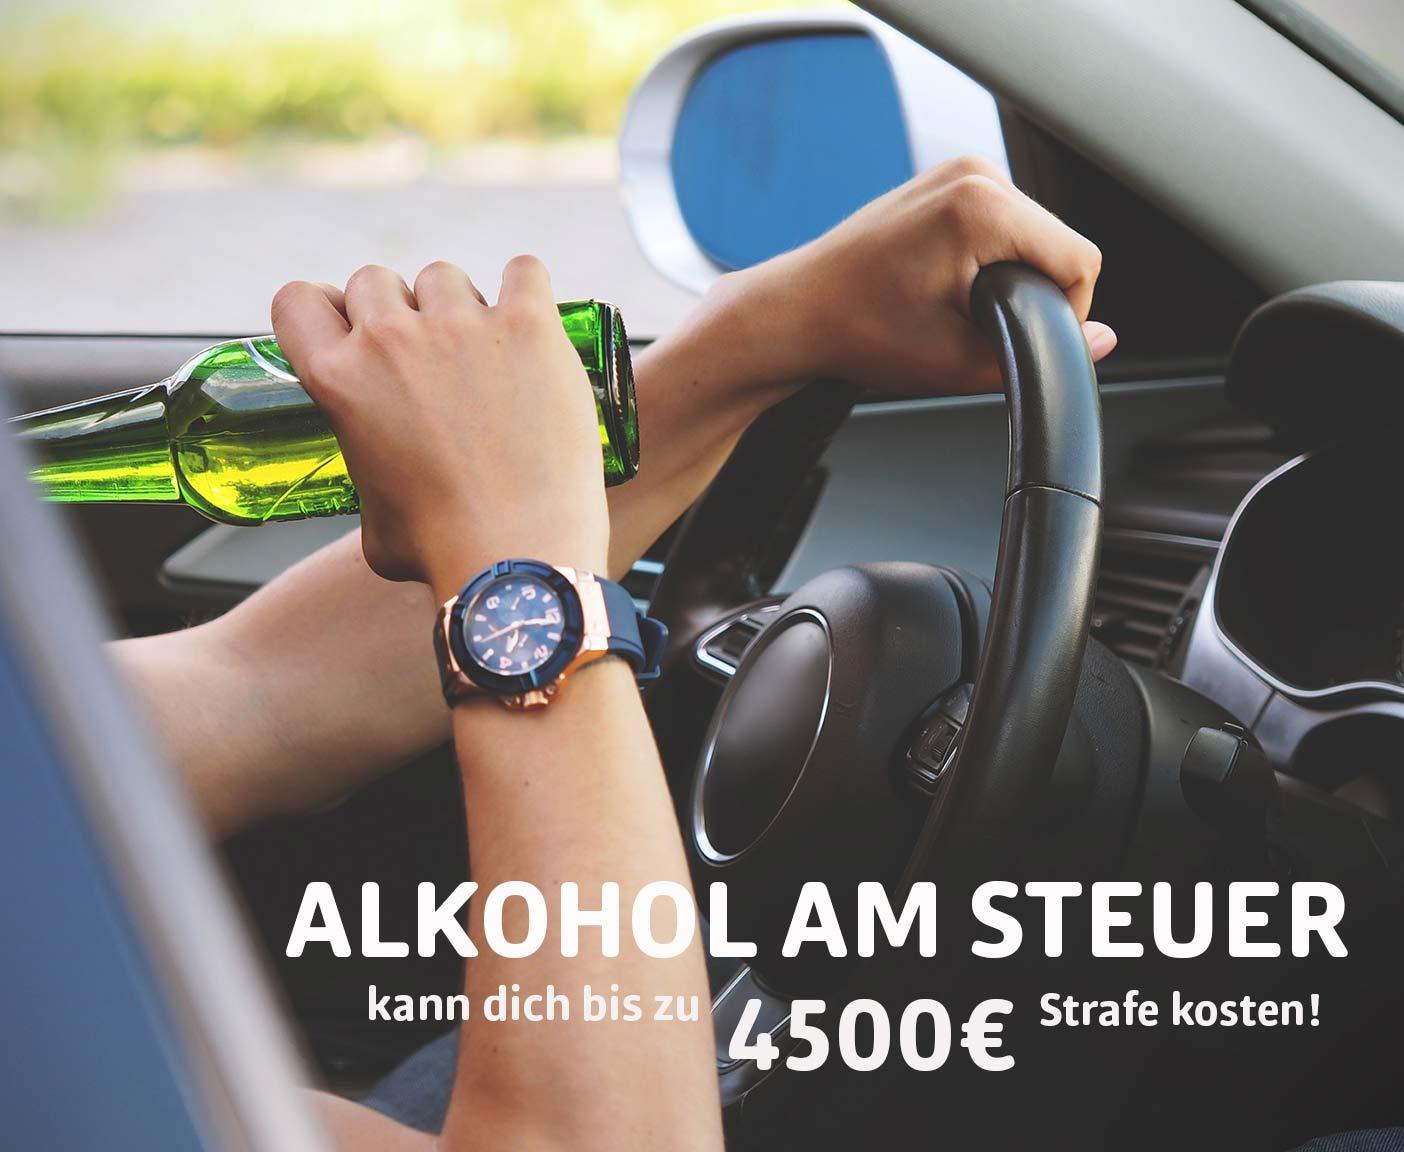 Bierflasche, Alkohol, Lenkrad, Auto, Armbanduhr, Person trinkt Alkohol am Steuer, Camping in Frankreich, Bußgelder, PaulCamper